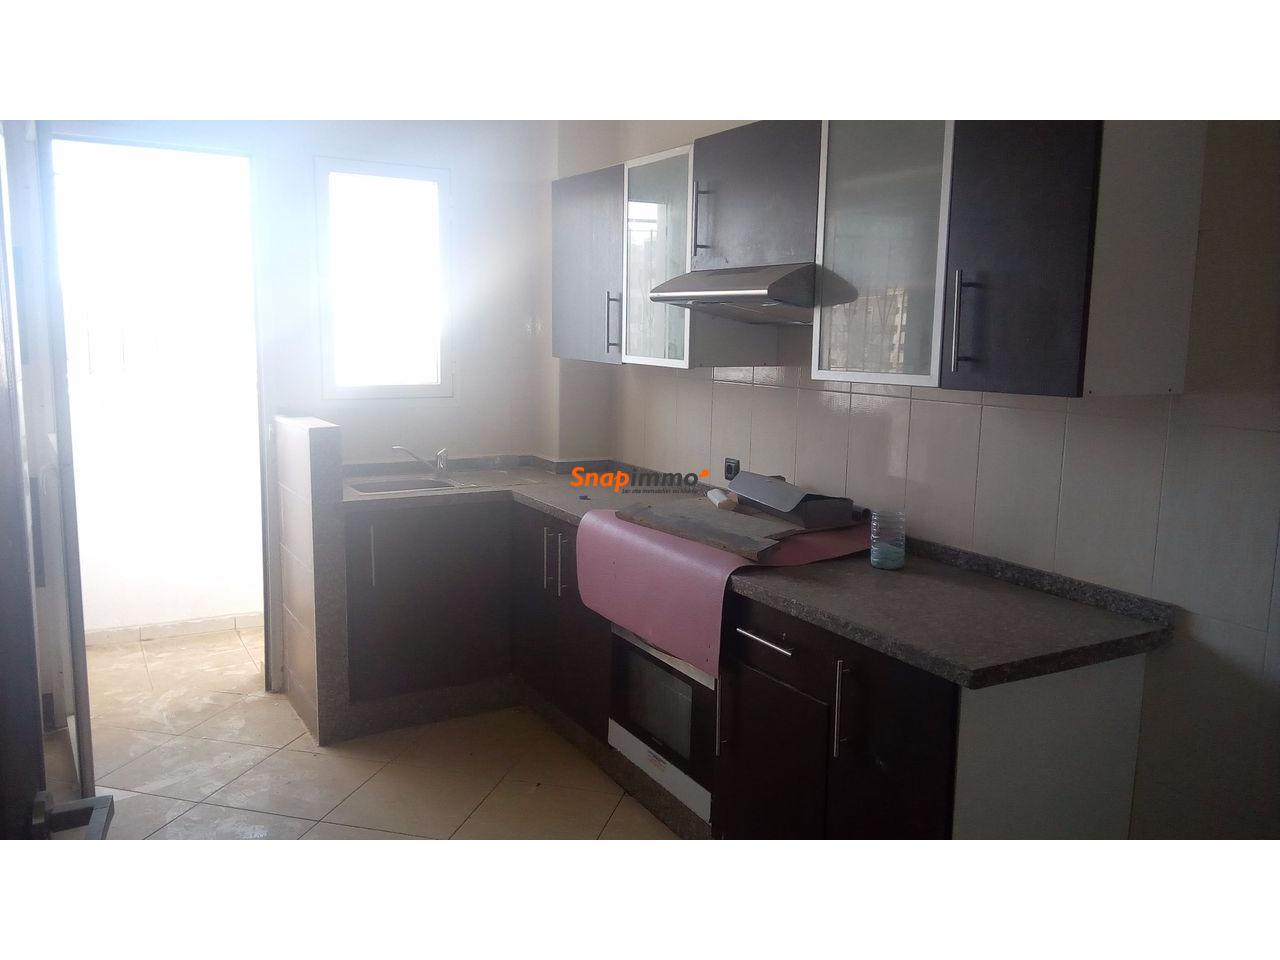 appartement confortable et spacieux a louer Casablanca 5 pièces - 2/3